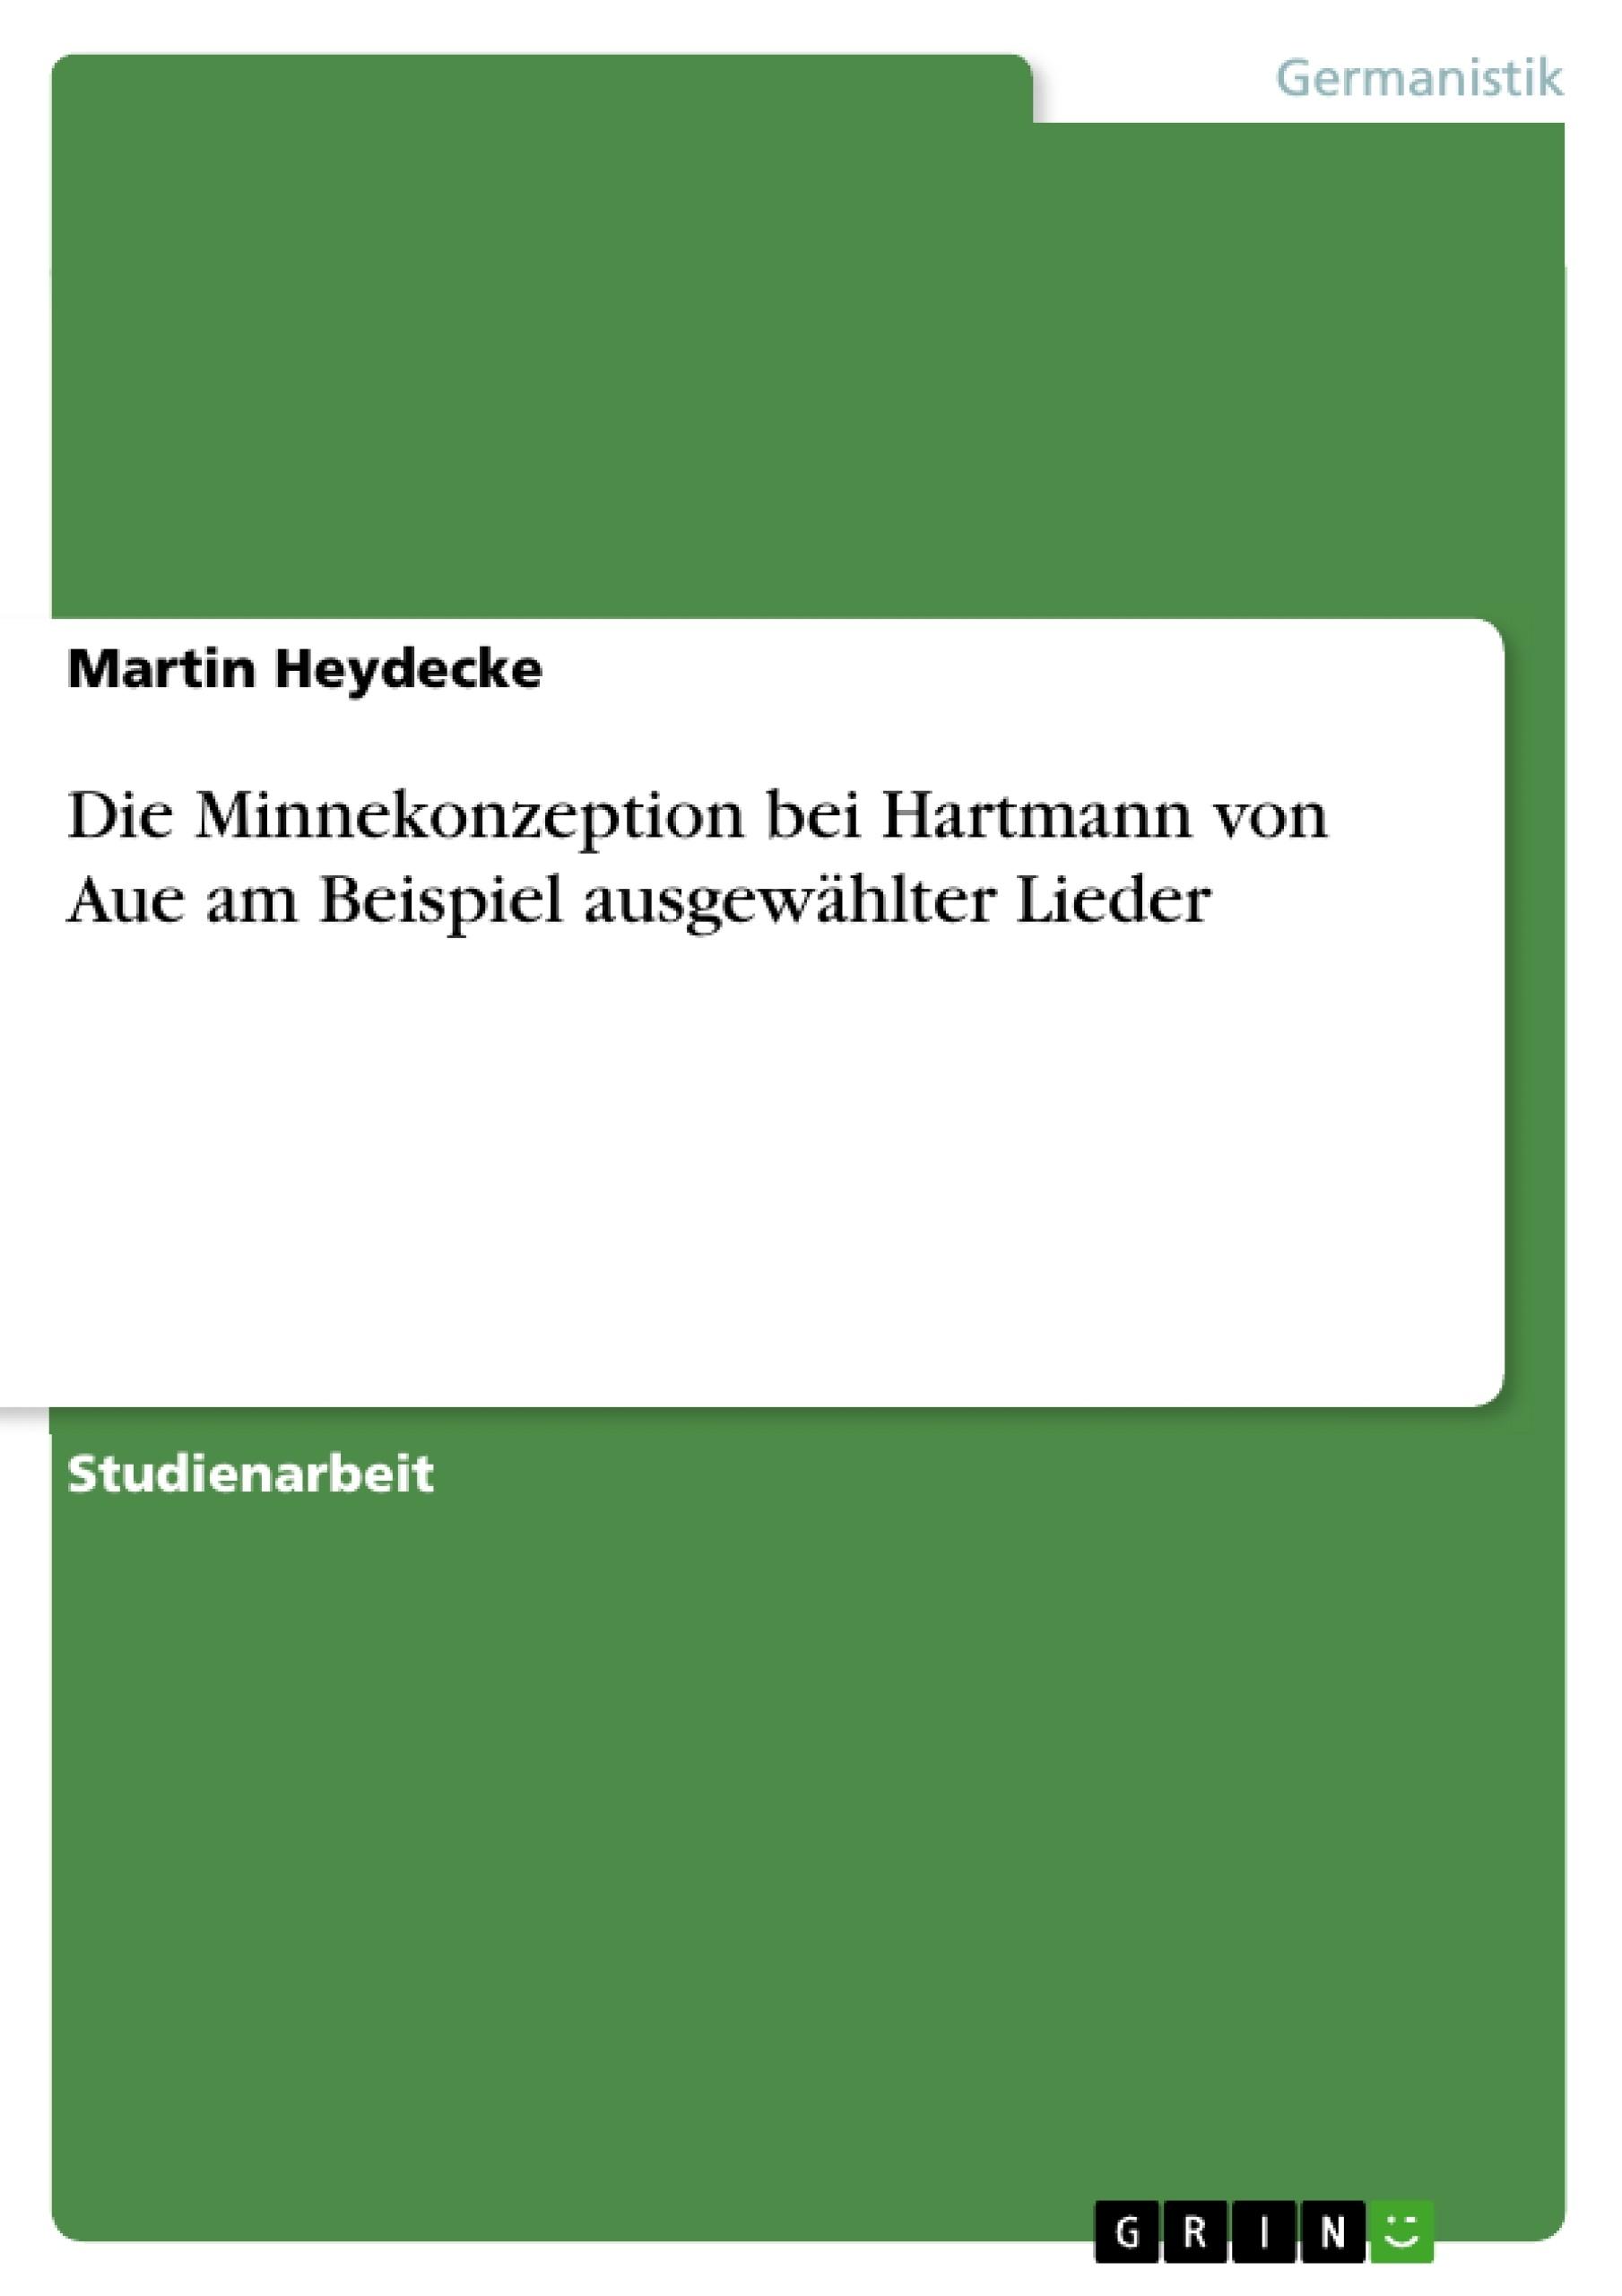 Titel: Die Minnekonzeption bei Hartmann von Aue am Beispiel ausgewählter Lieder